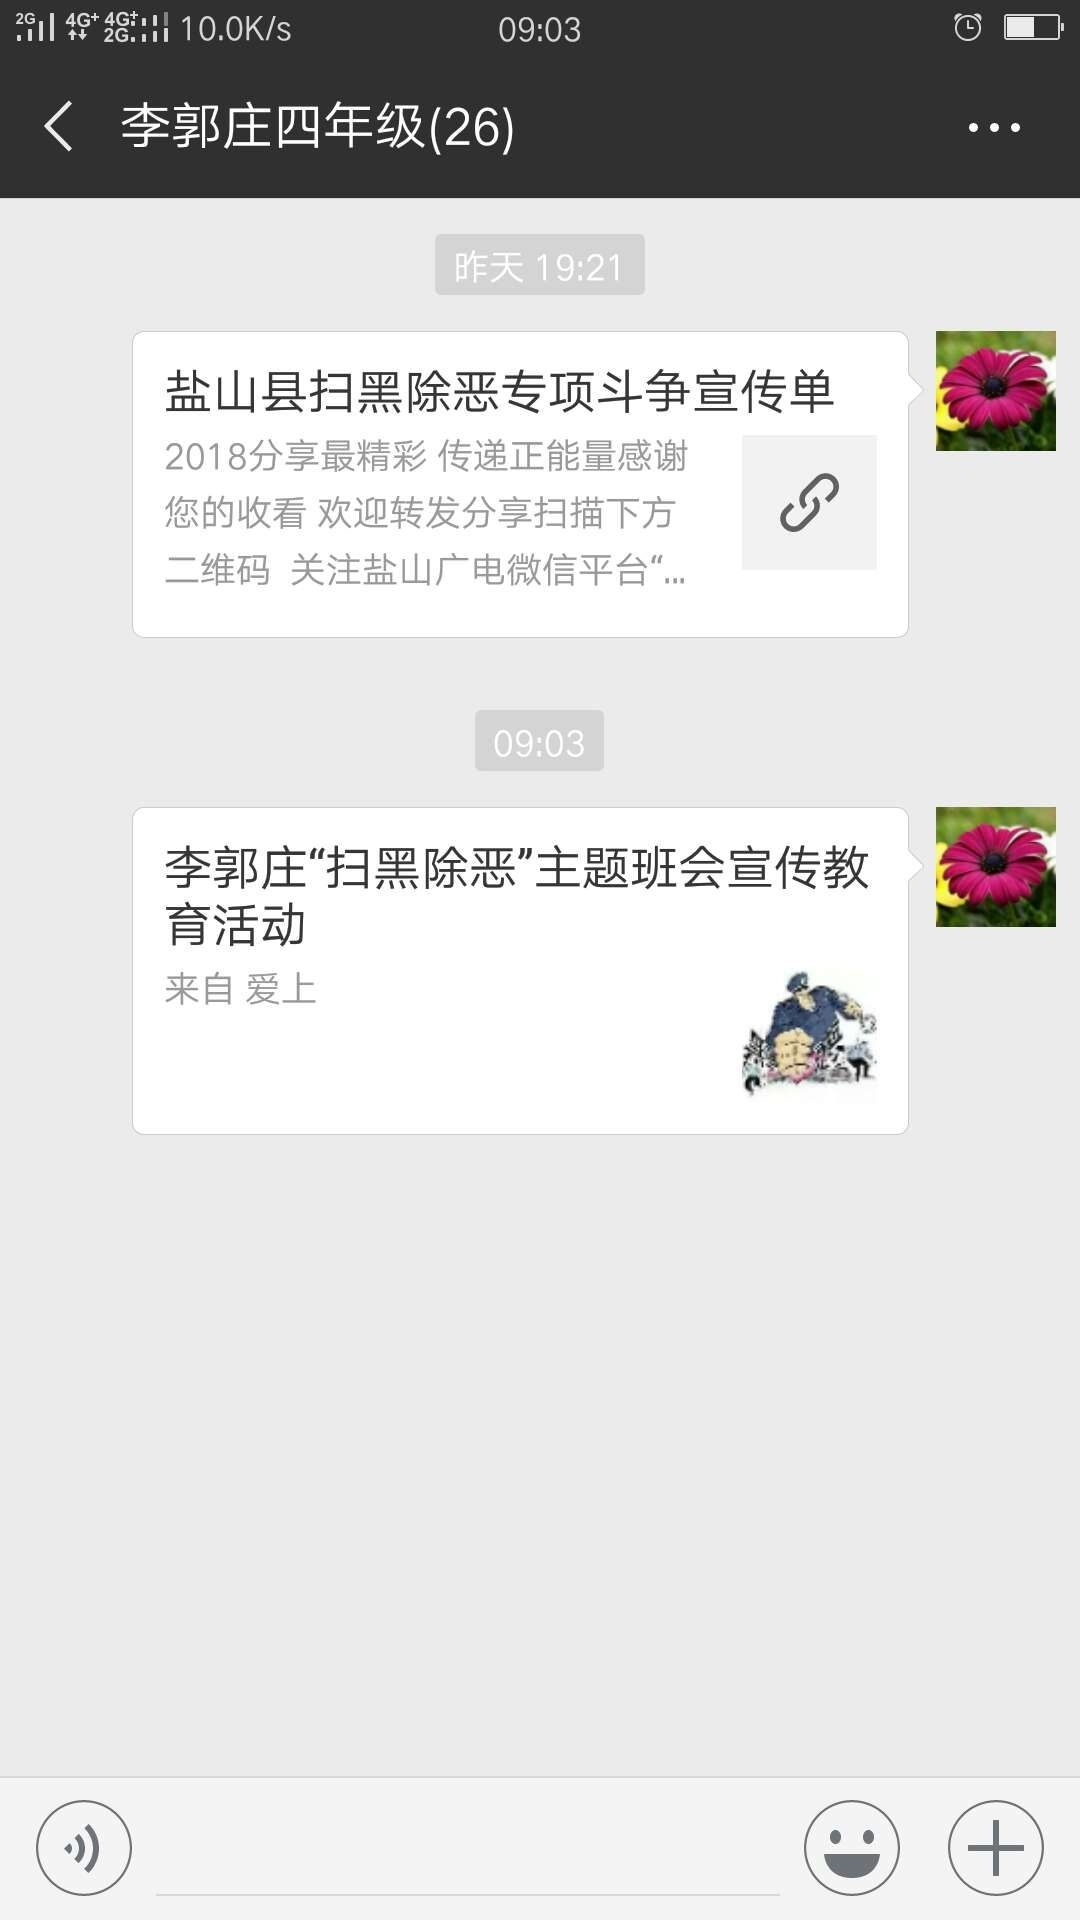 严惩黑恶犯罪    弘扬社会正气  记李郭庄小学开展扫黑除恶主题班会